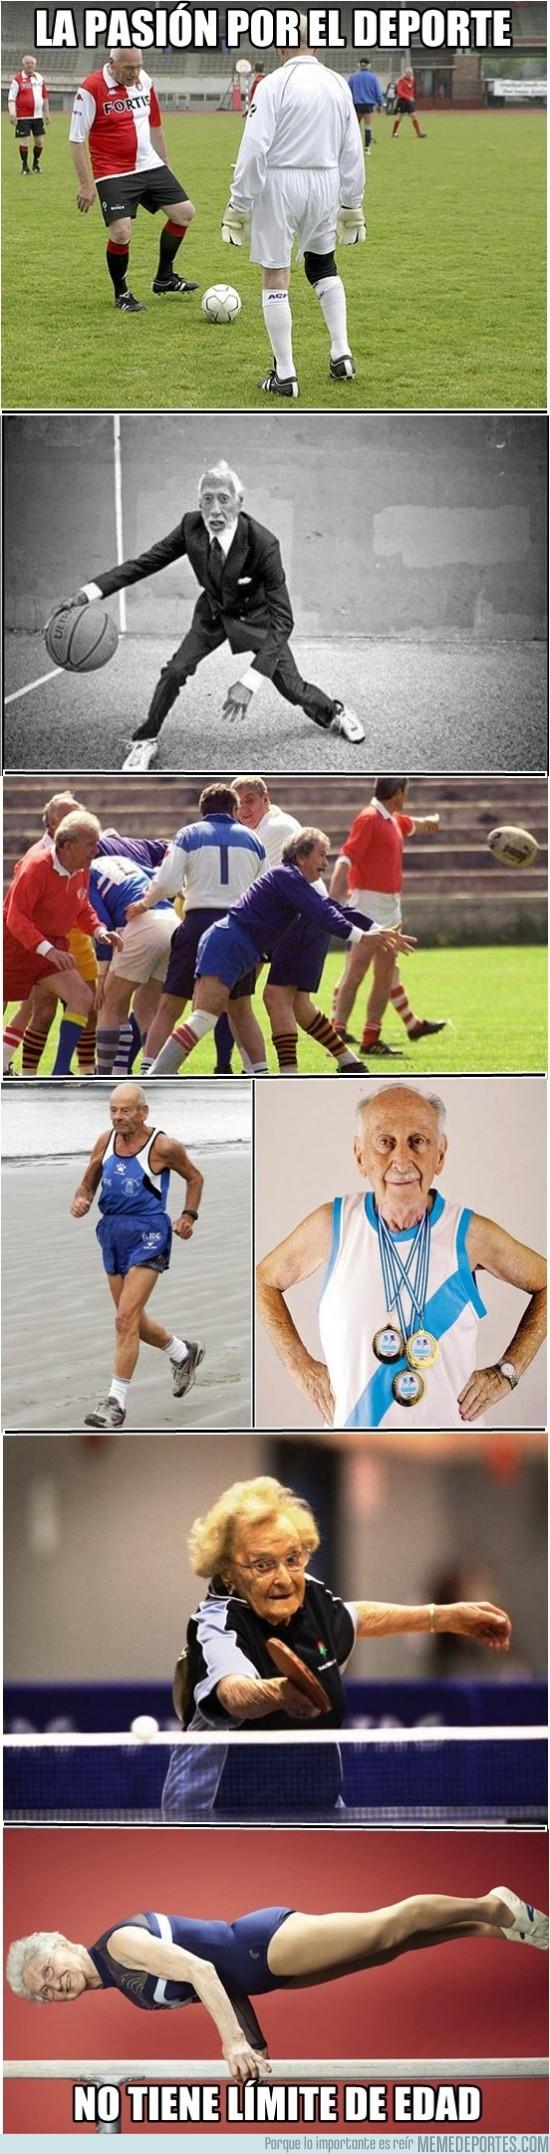 78657 - Para el deporte, no hay límite de edad